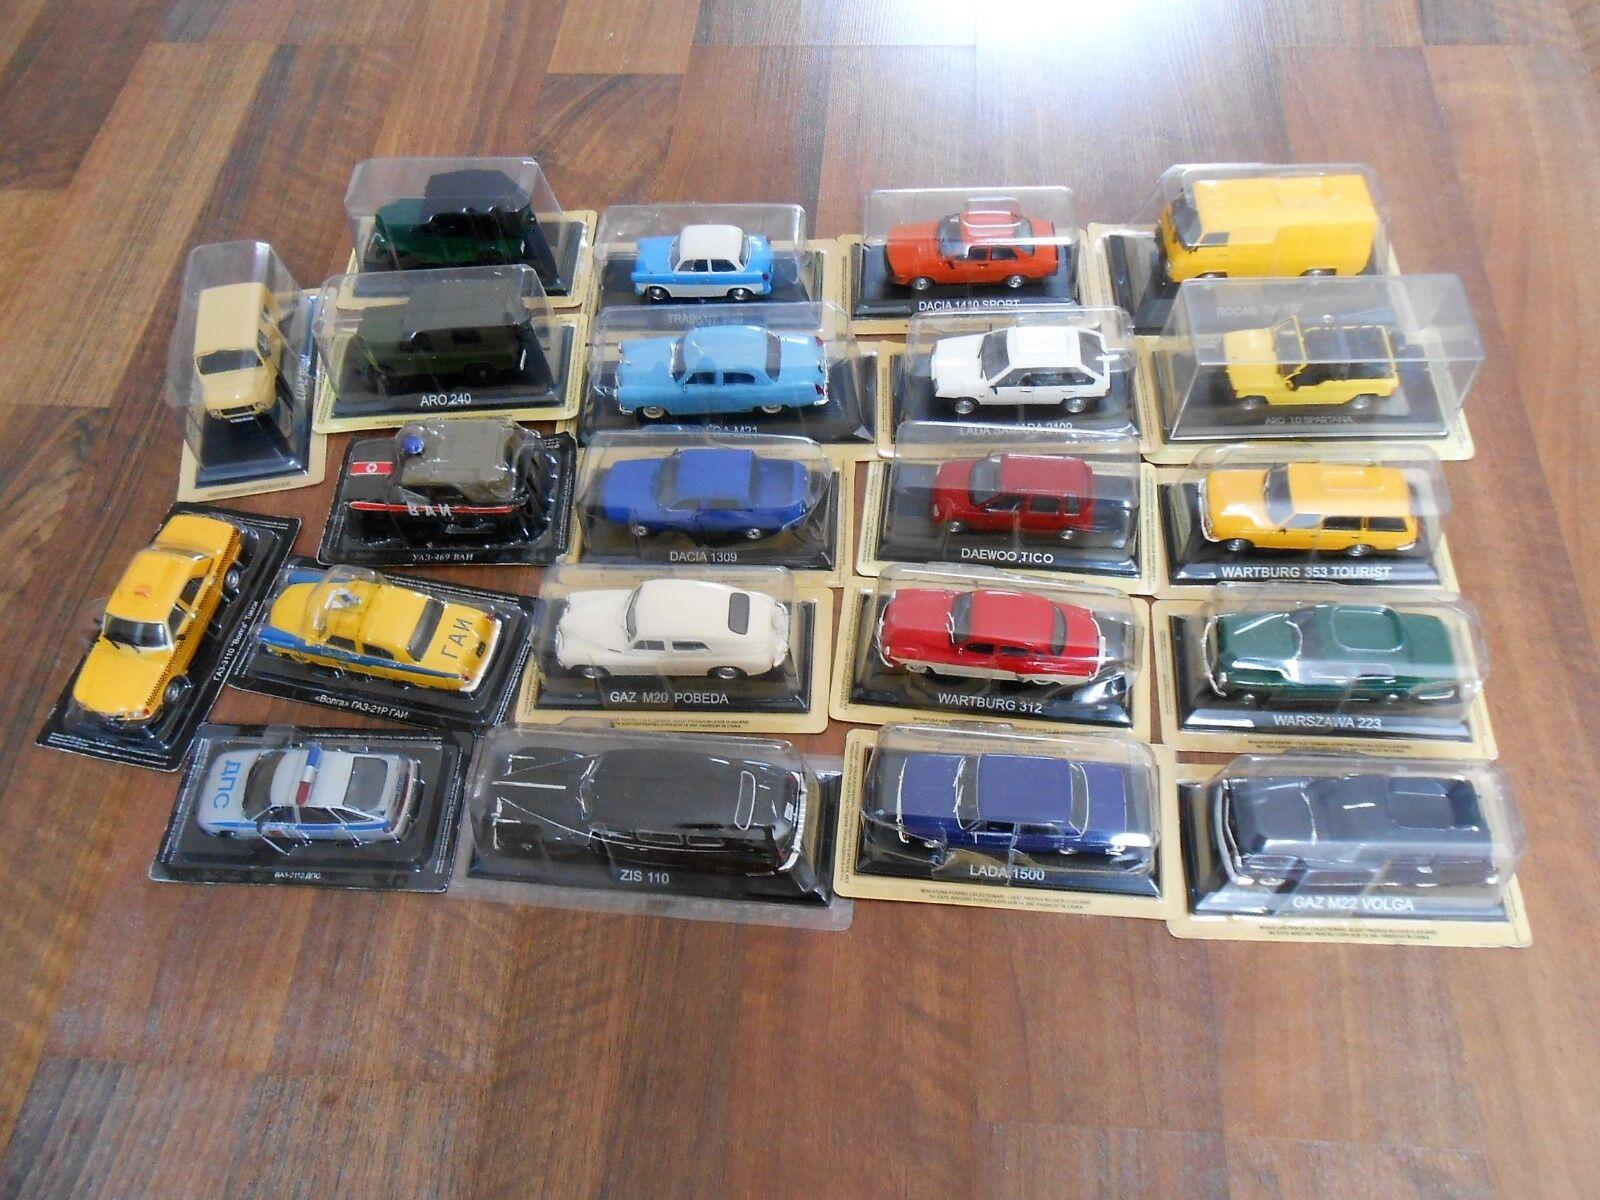 Lot 22 voitures  metal 1 43 1 43 lada gaz aro Dacia Daewoo model voiture settleHommest  livraison directe et rapide